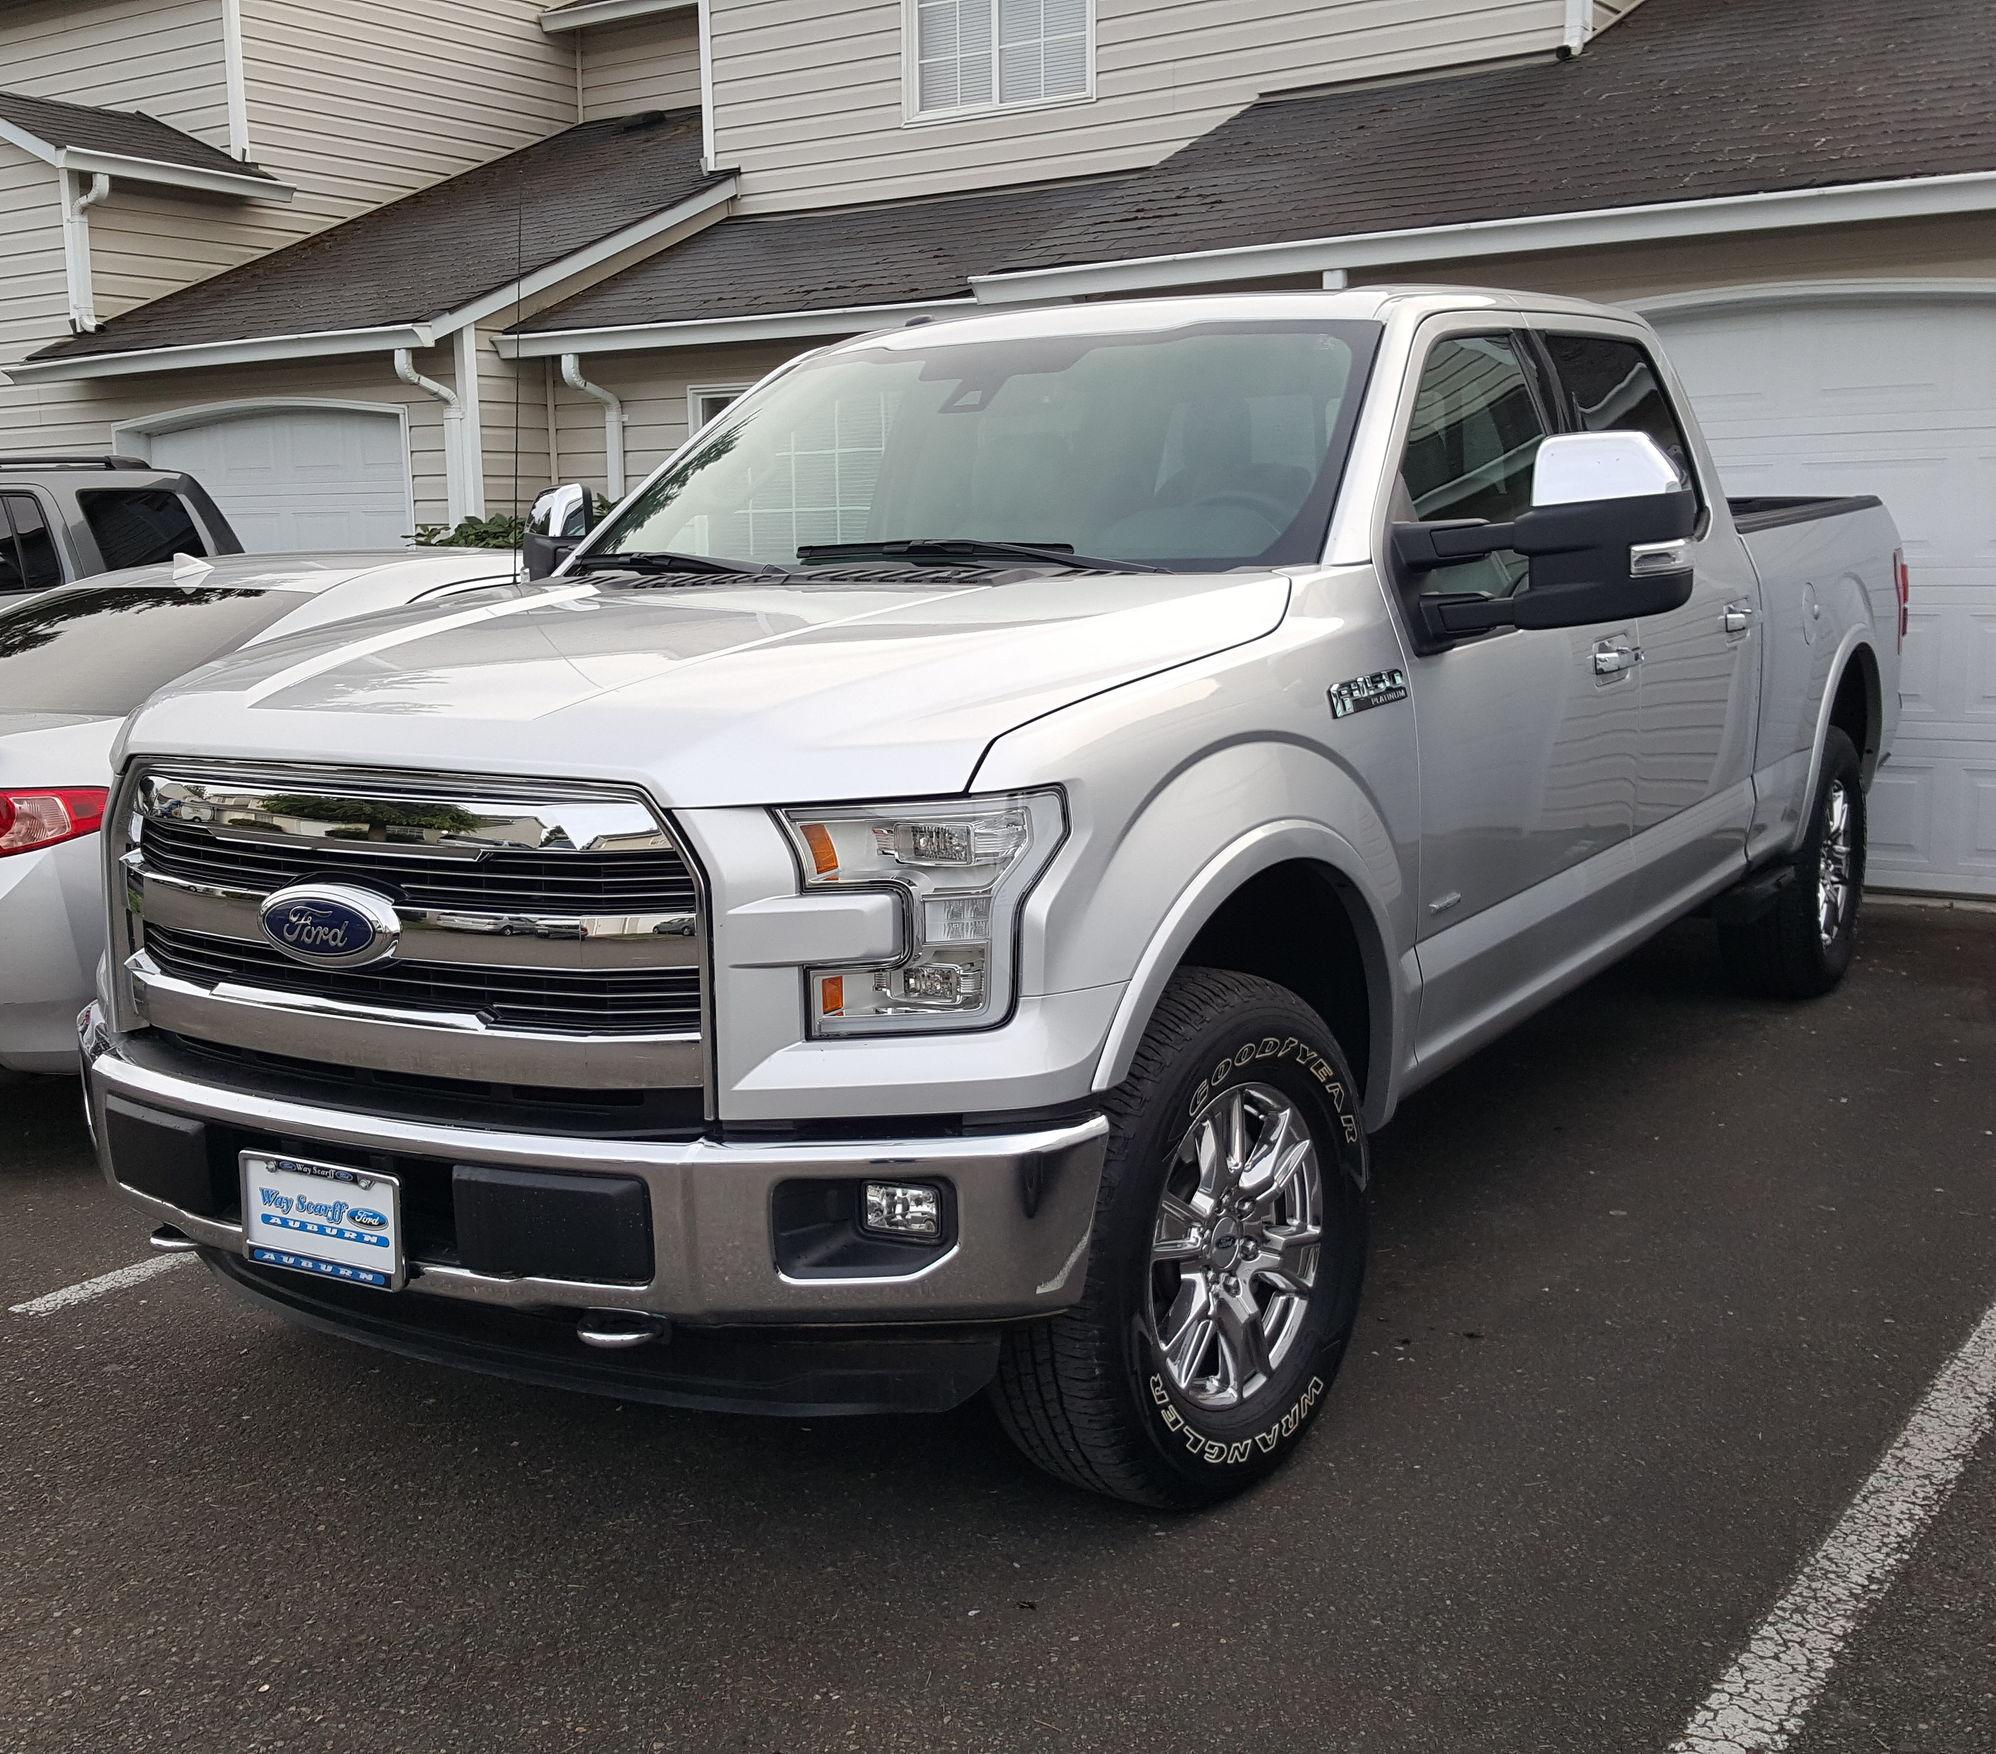 F150 Platinum Platinum: Show Me You Leveled Trucks With OEM Rims!